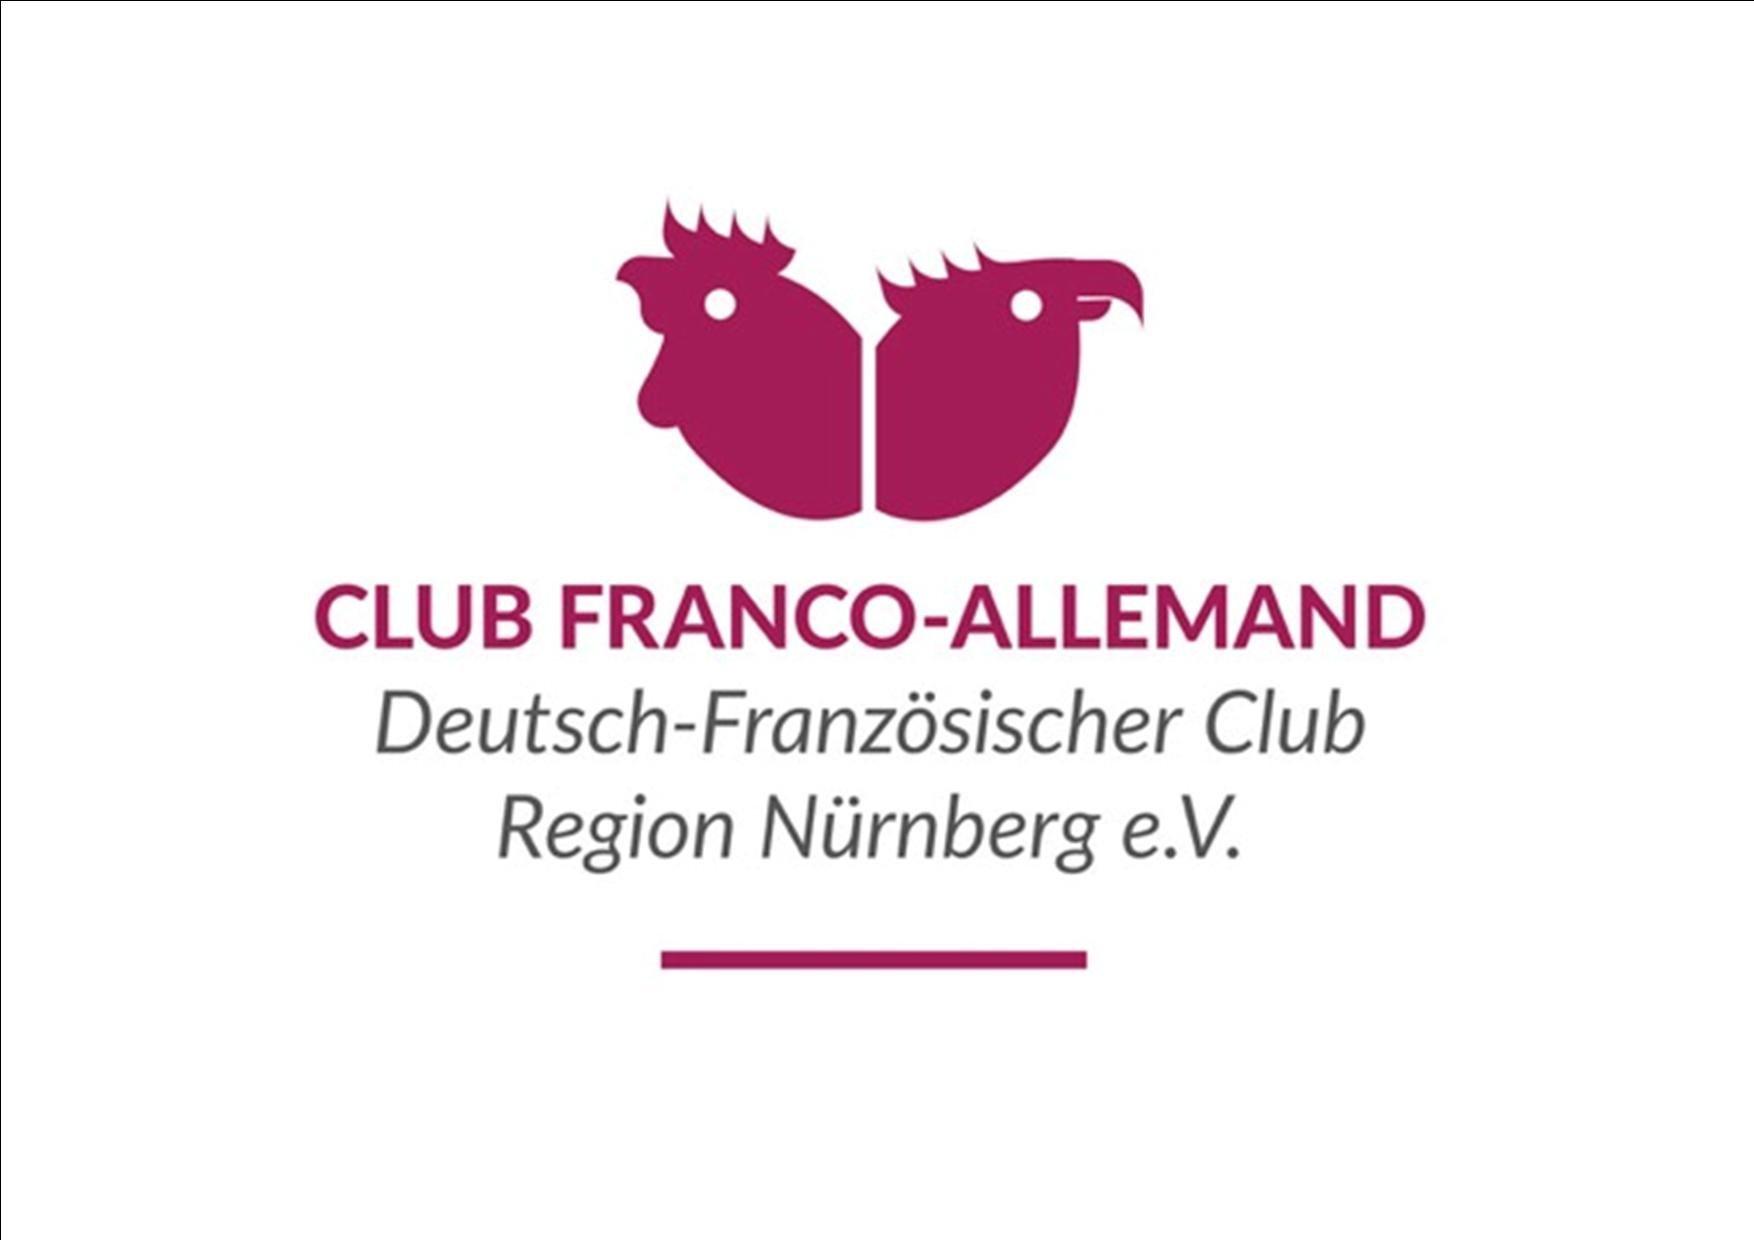 Demain – Morgen - © Club Franco-allemand